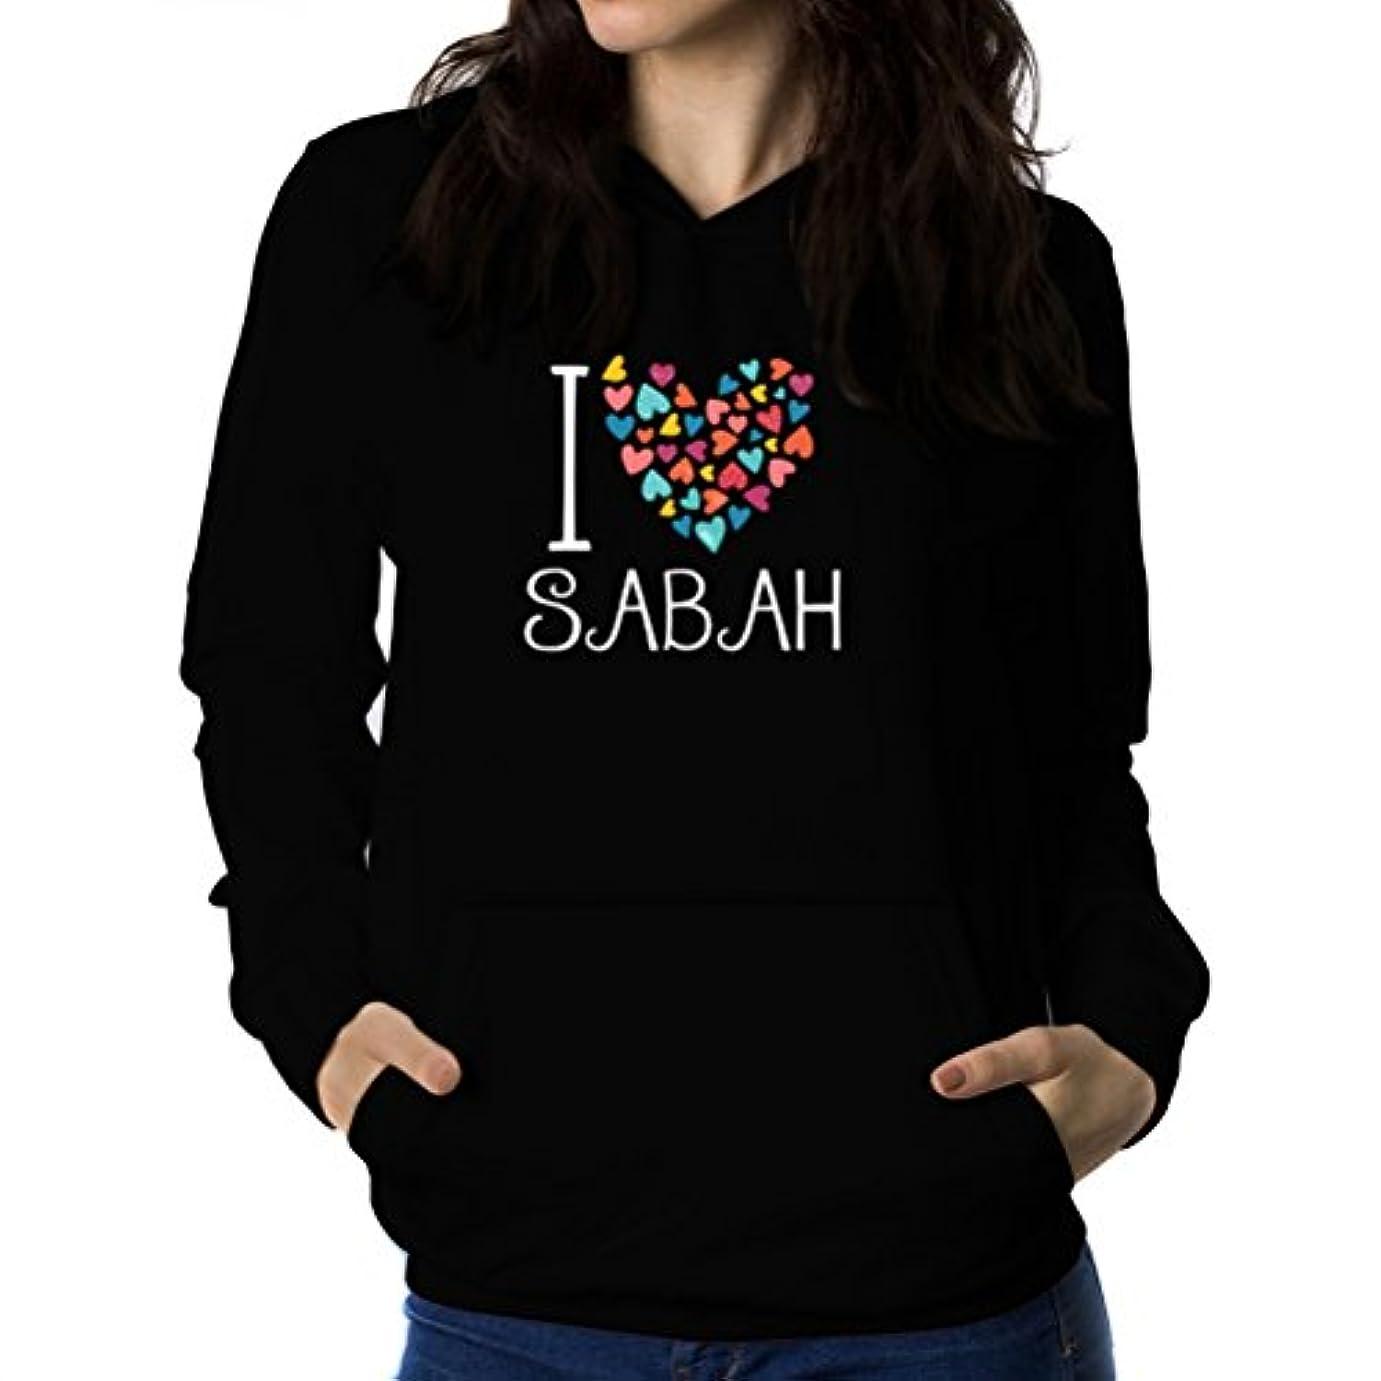 隣接する記念日こどもの宮殿I love Sabah colorful hearts 女性 フーディー